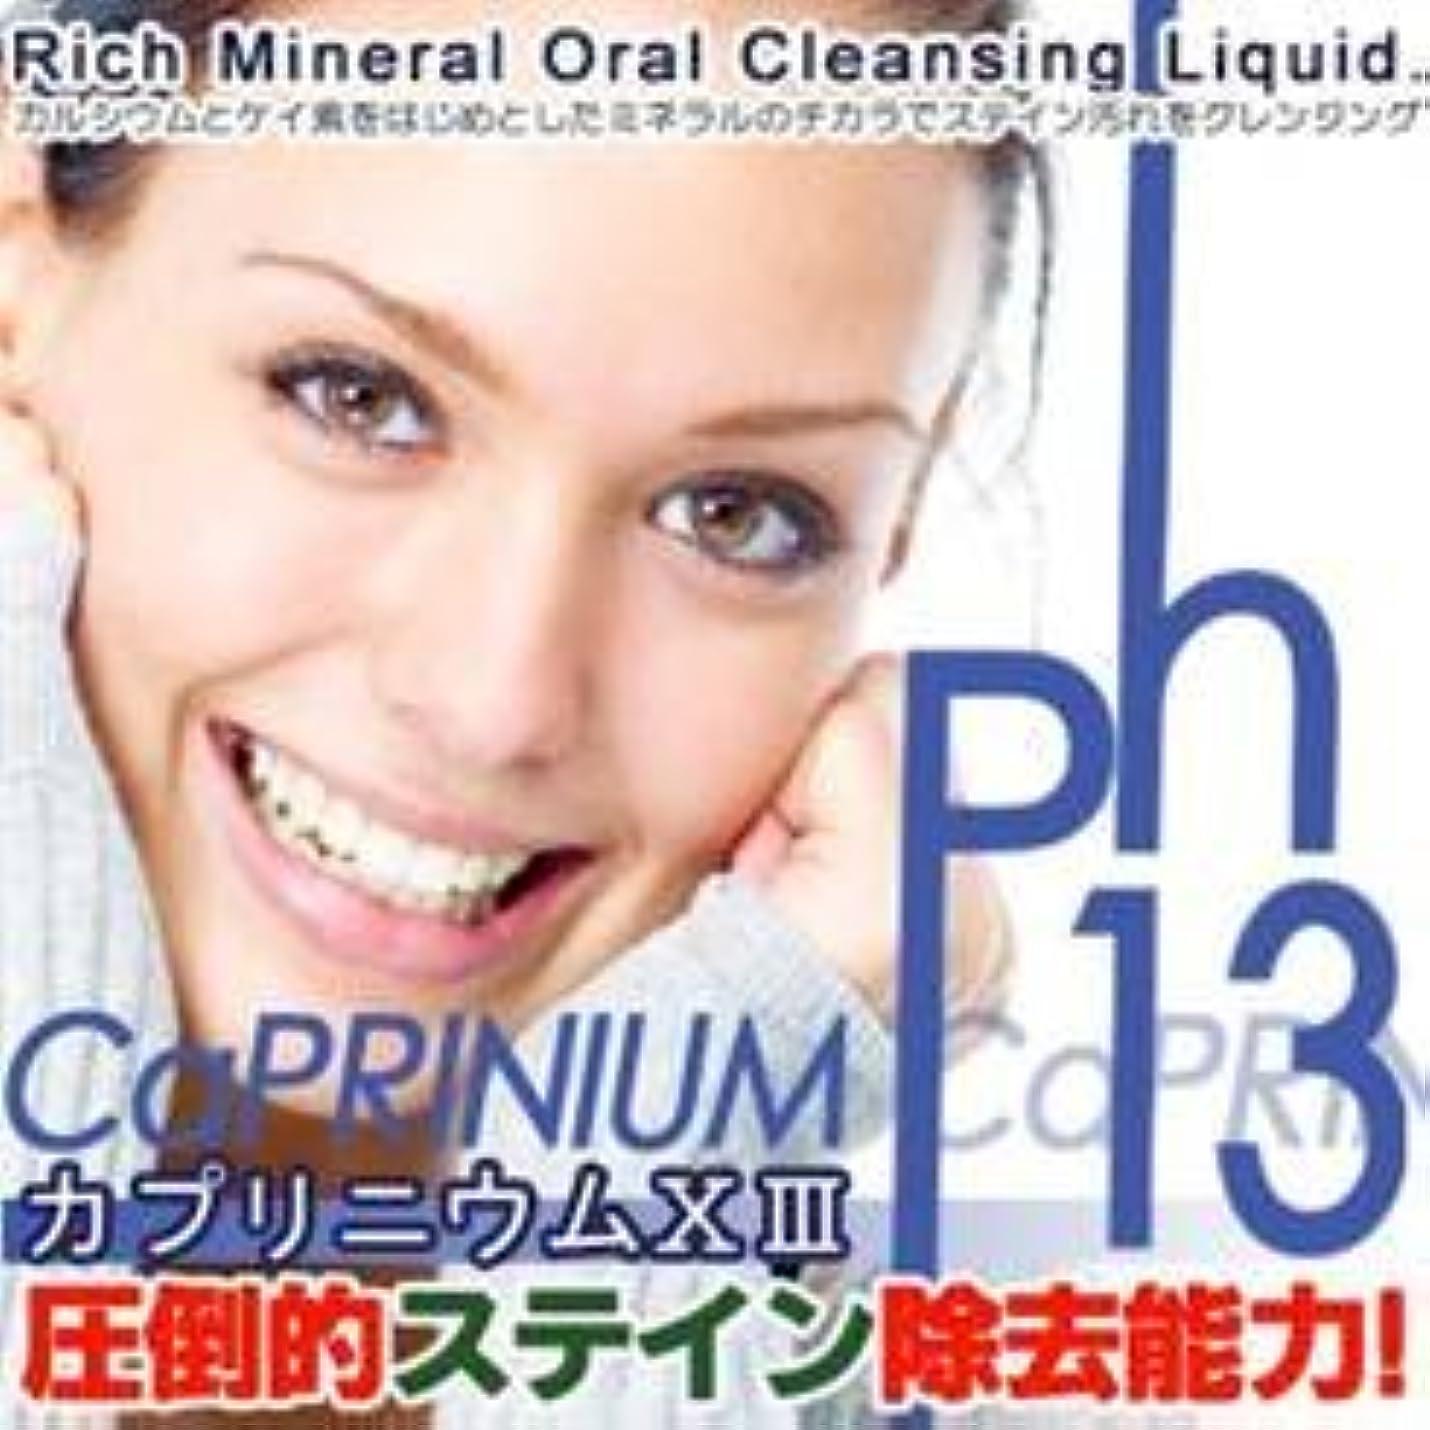 かわすバケツ老人カプリニウムサーティーンジェル1個入(10日分) 電動歯ブラシ対応歯磨きジェル